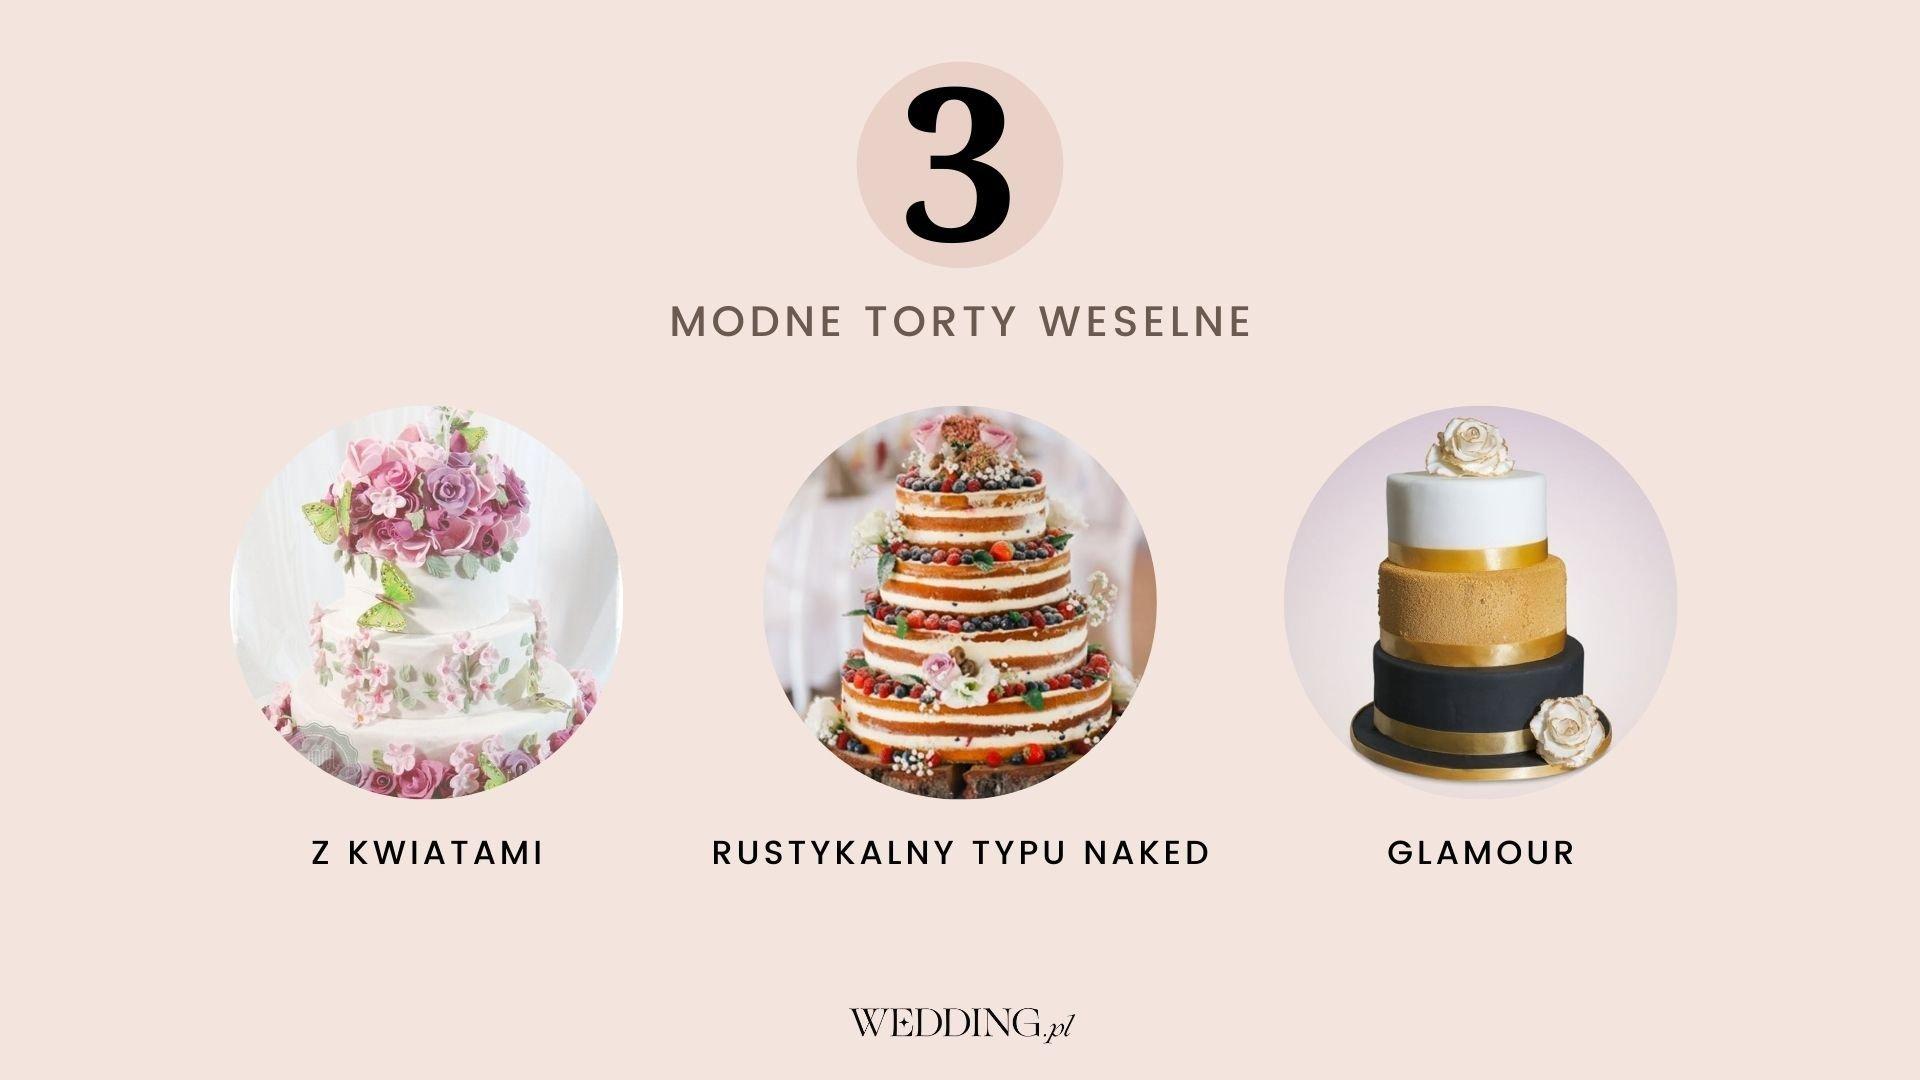 modne torty weselne trendy